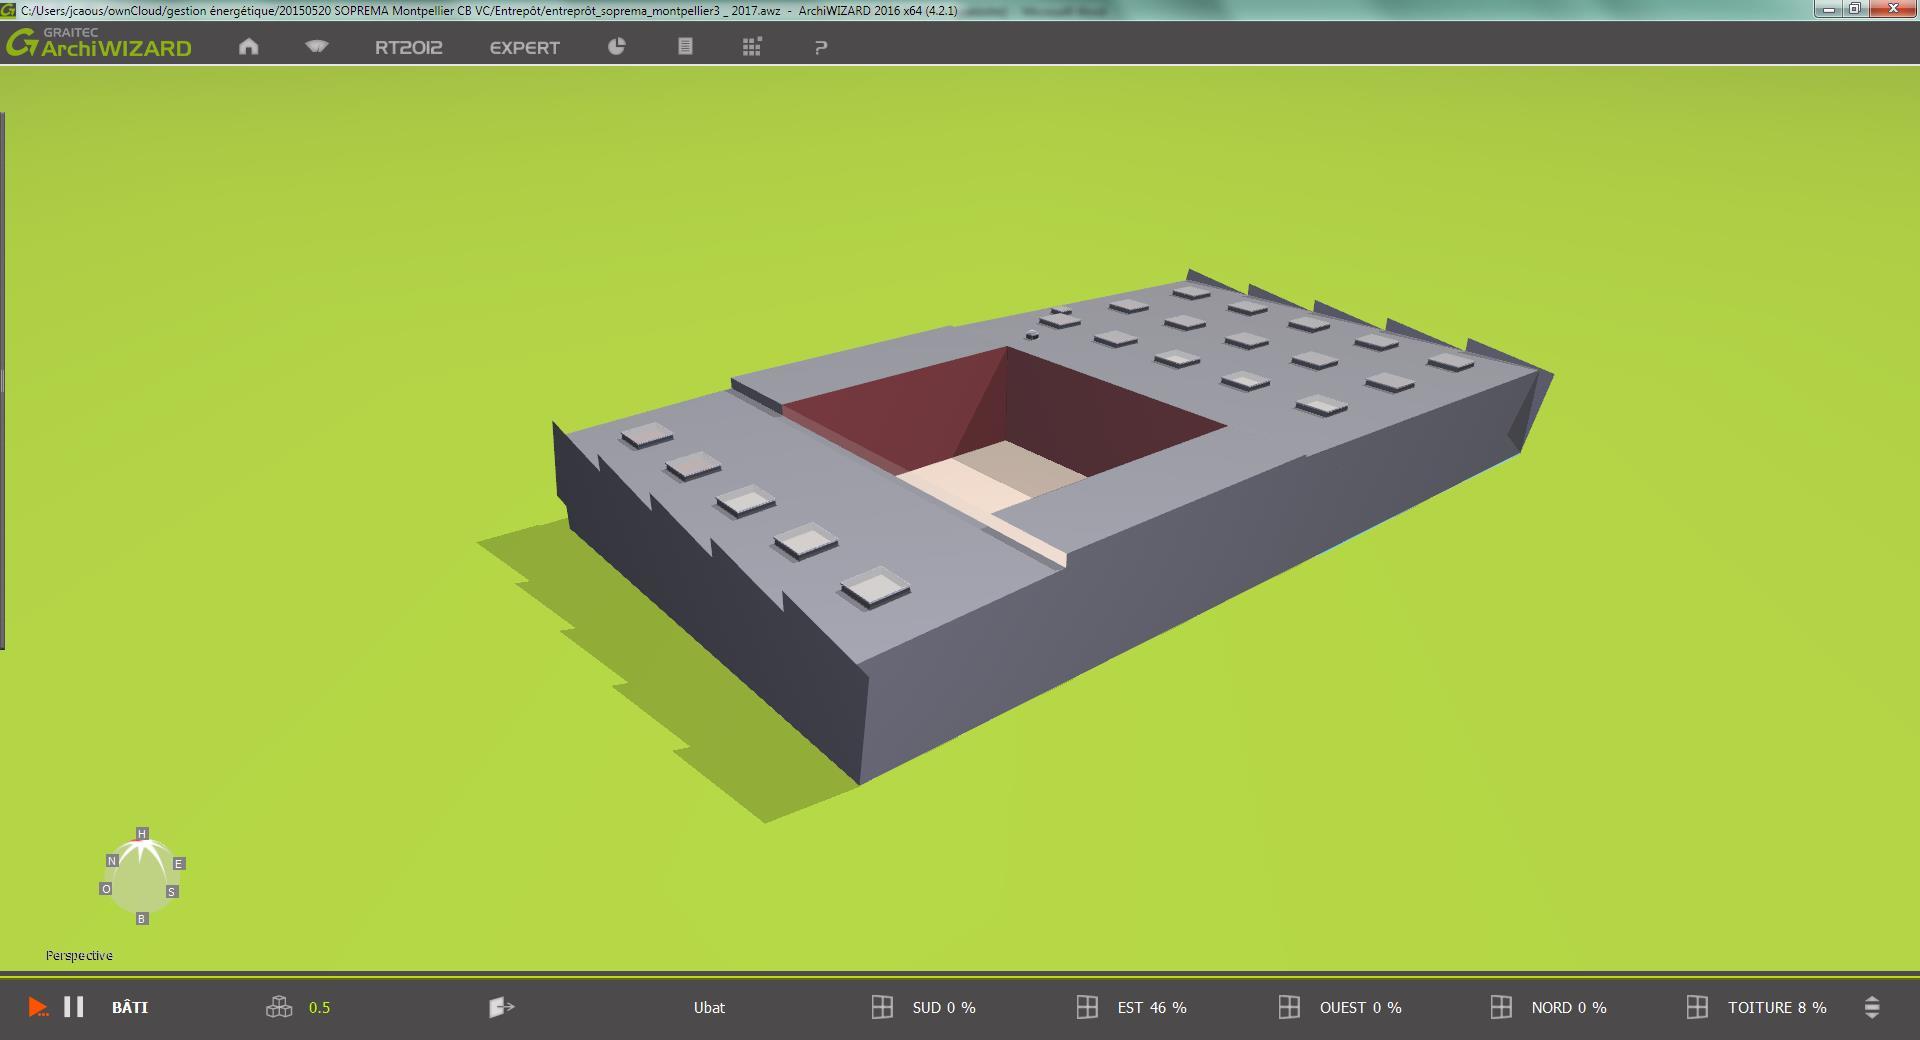 Modélisation bâtiment Soprema Montpellier rendu 3D pour site Adexsi